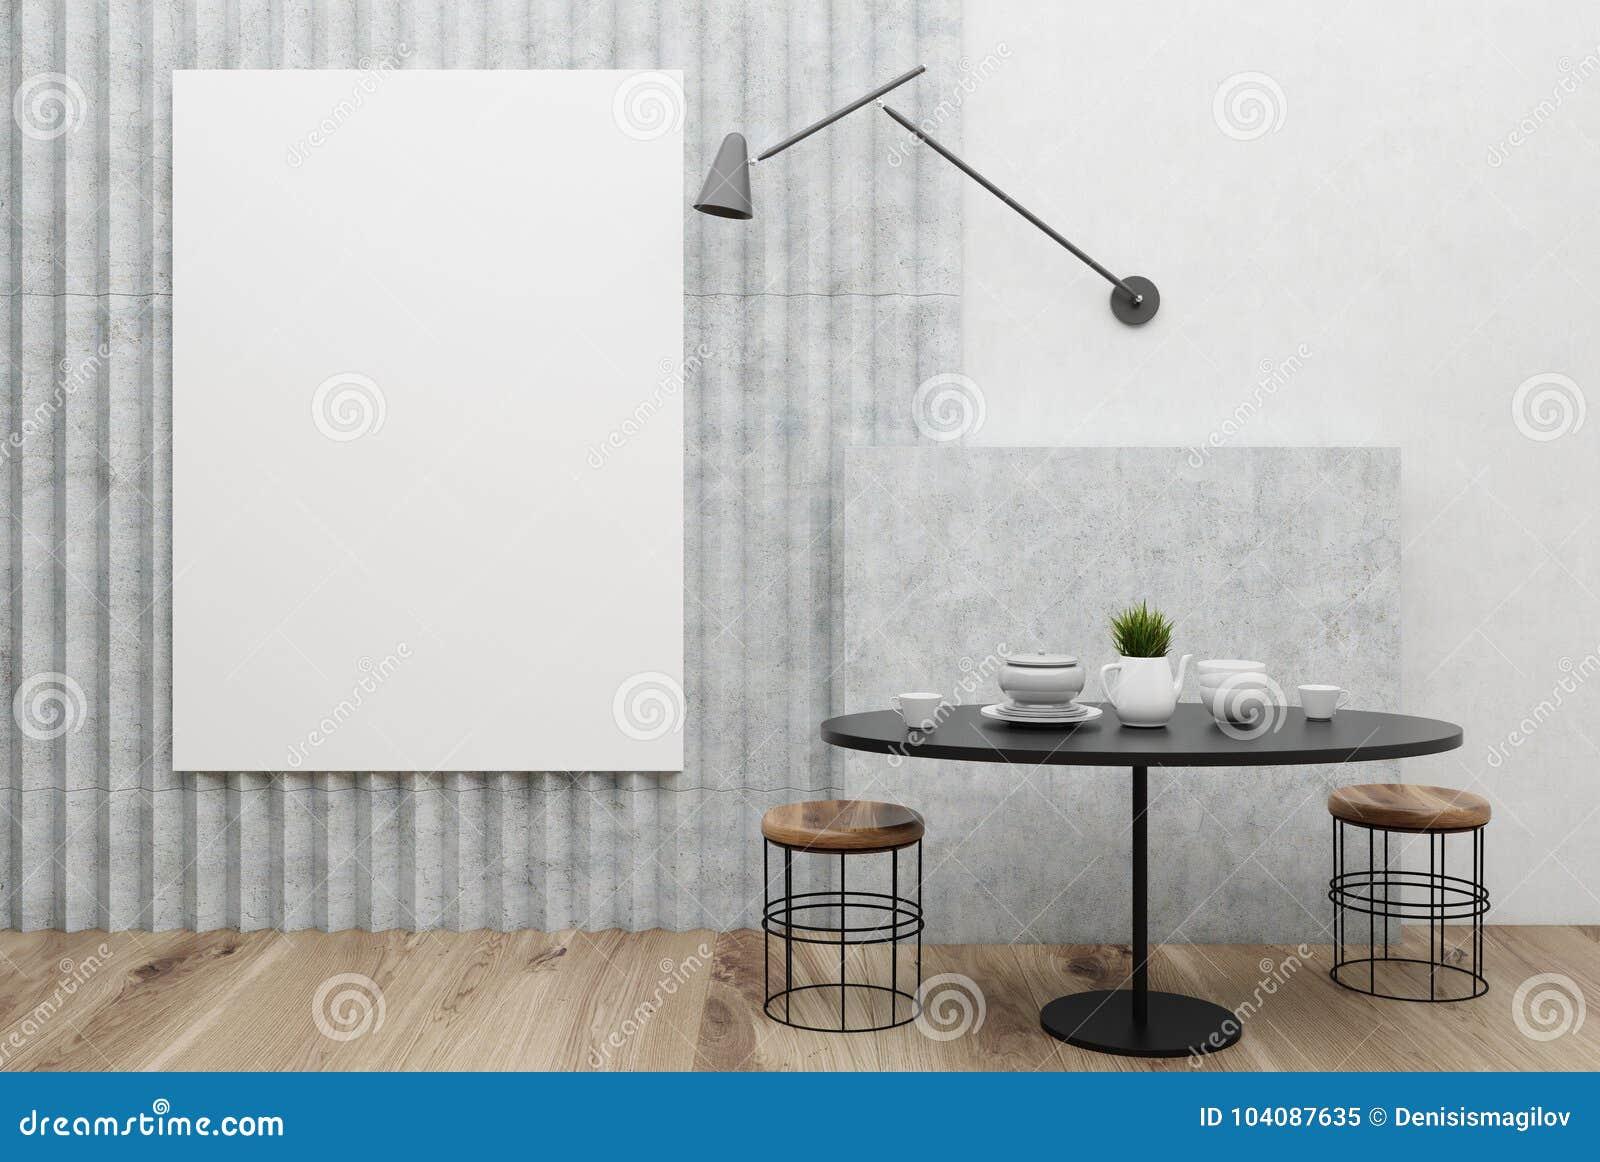 Weisses Und Graues Kleines Esszimmer Plakat Stock Abbildung